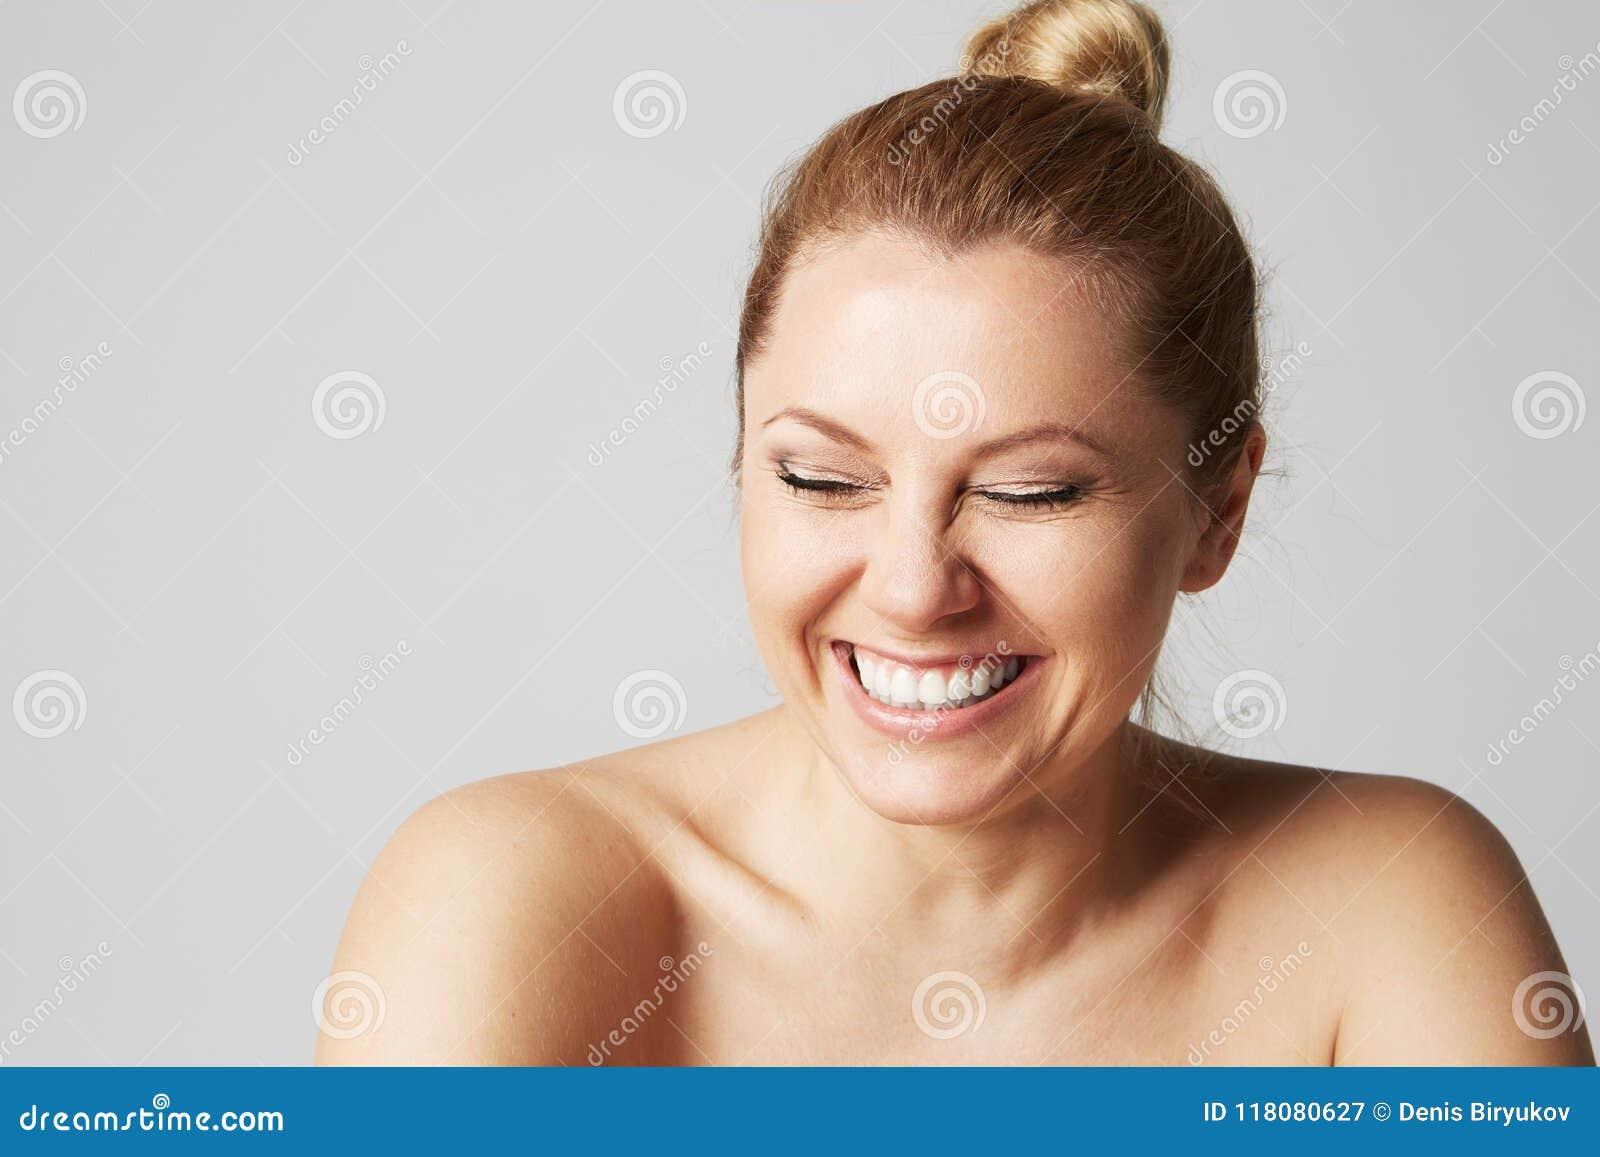 Model Nude Nude Photos 96